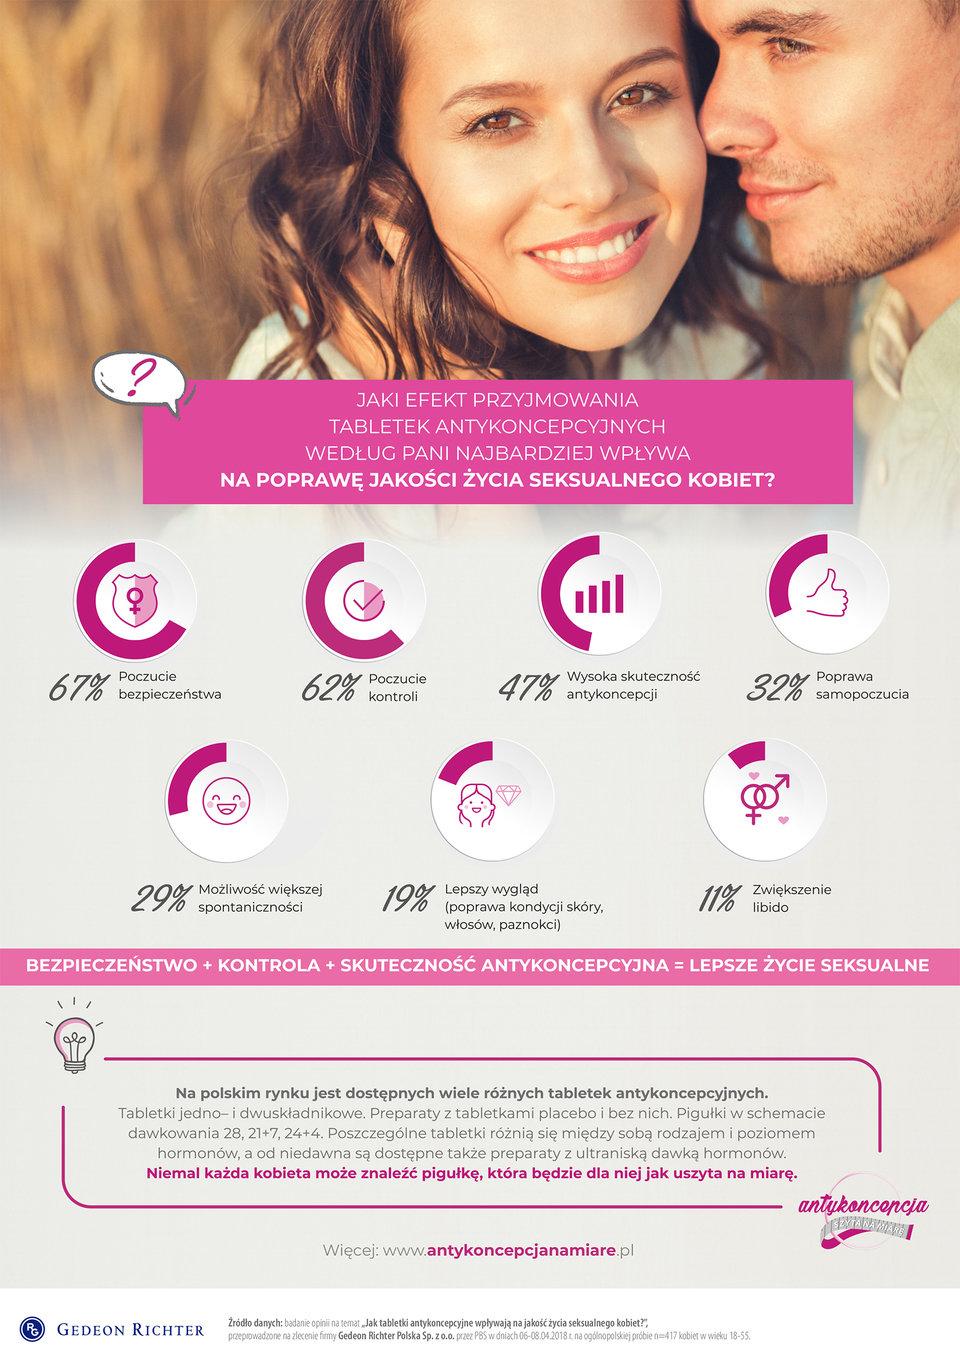 Jaki efekt przyjmowania tabletek antykoncepcyjnych według Pani najbardziej wpływa na poprawę jakości życia seksualnego kobiet.jpg